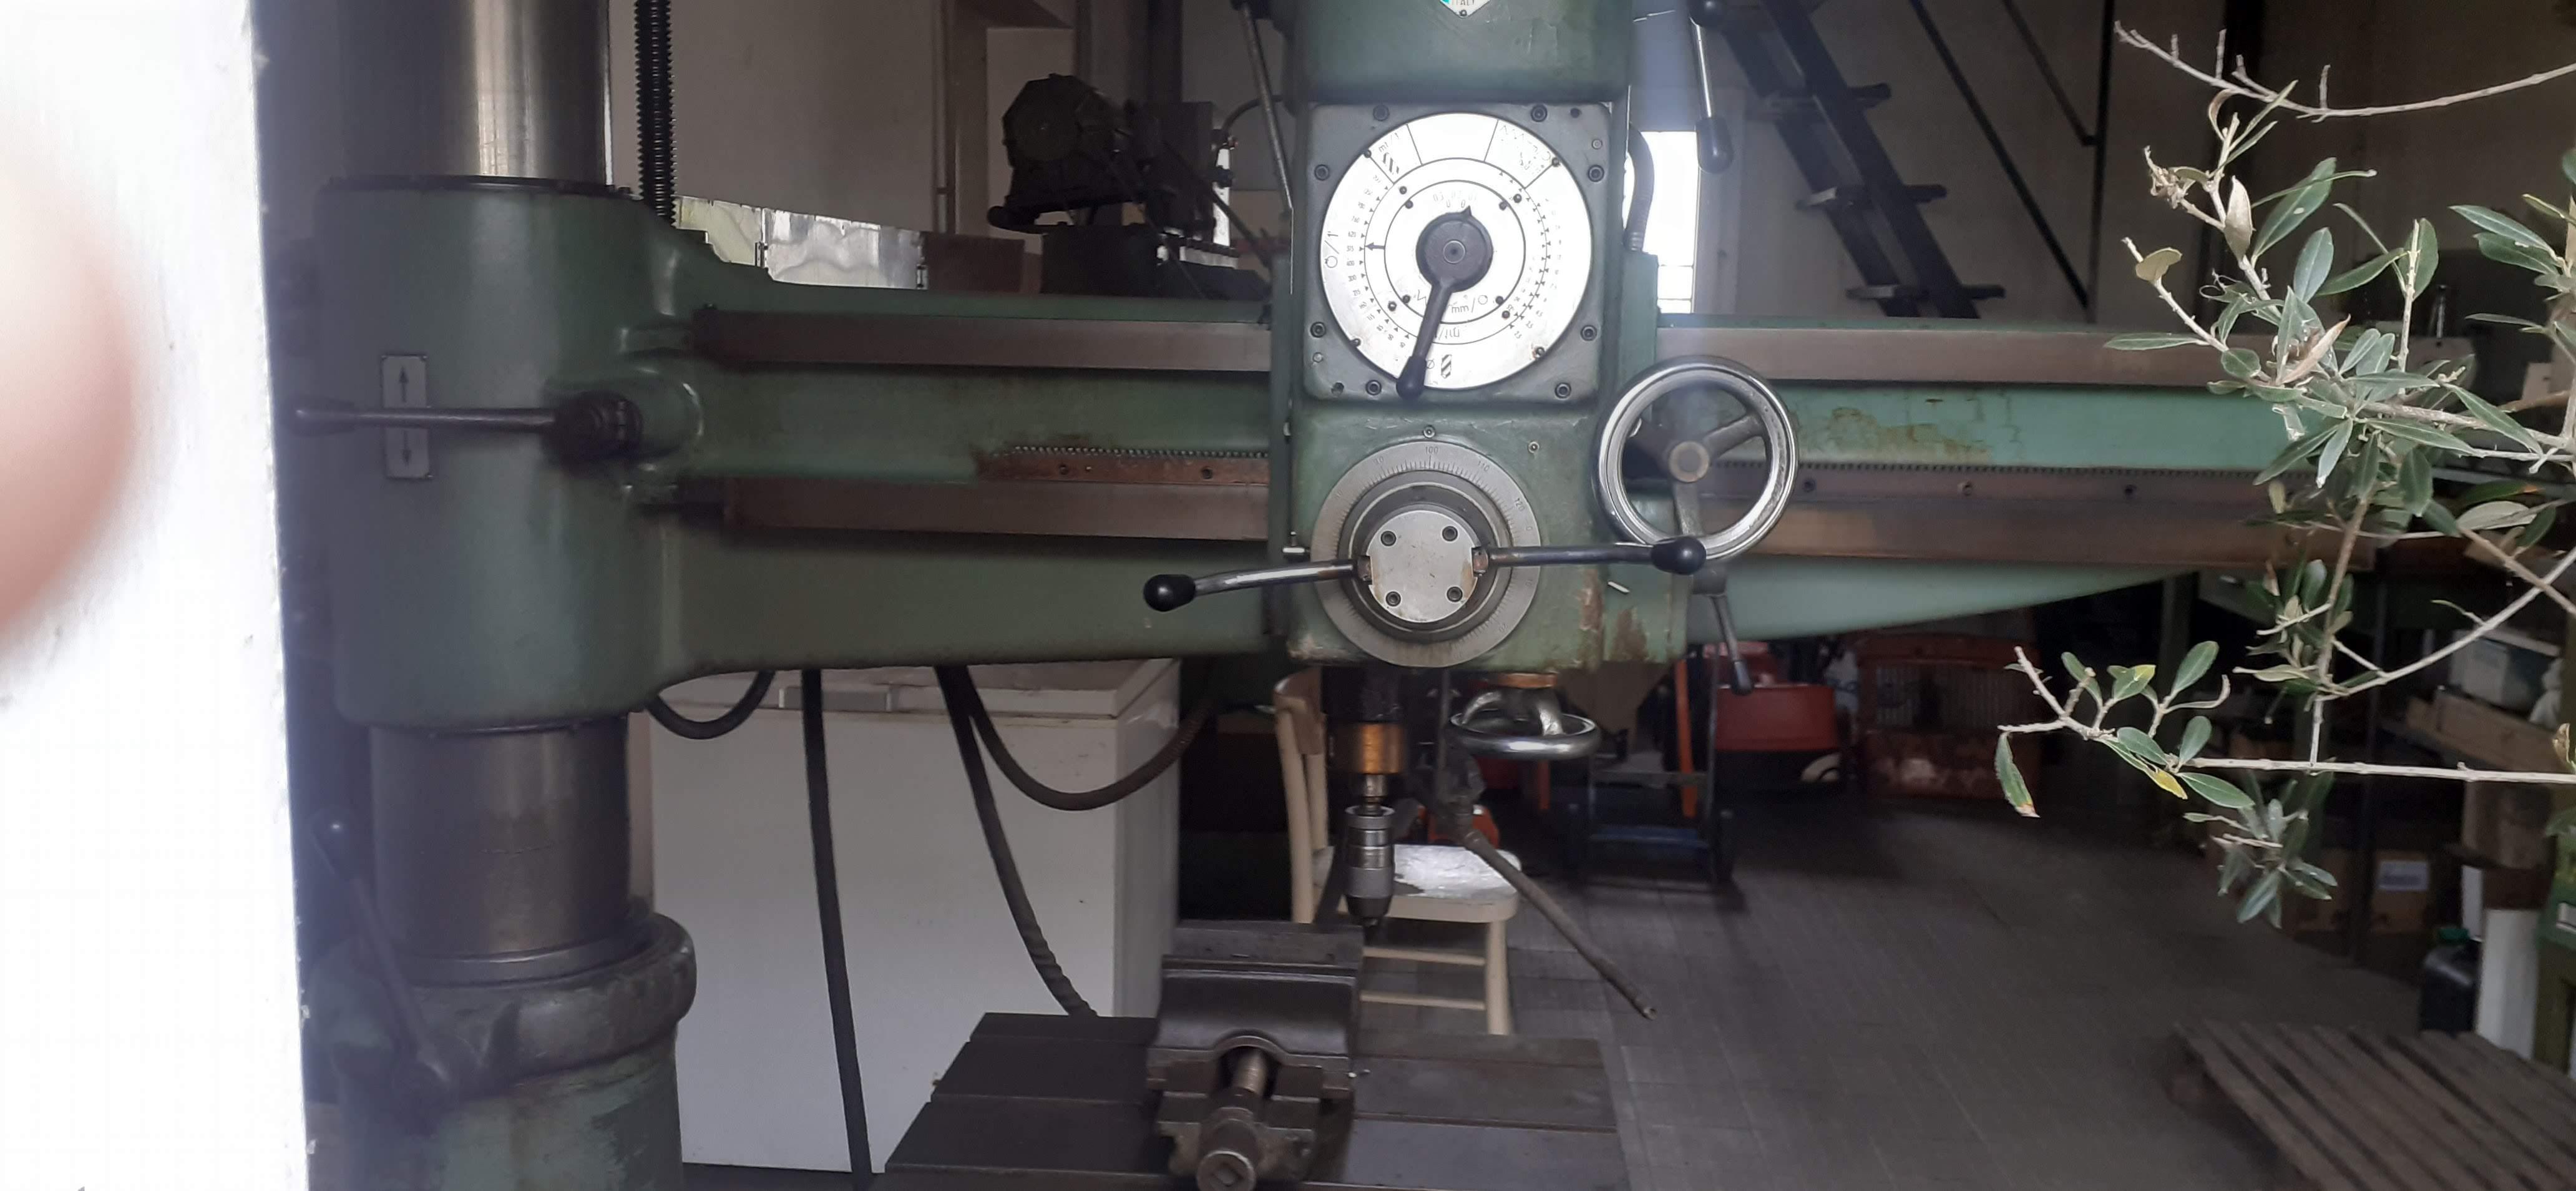 Trapano radiale BREDA1200 30-40,cubo reclinabile  in vendita - foto 2